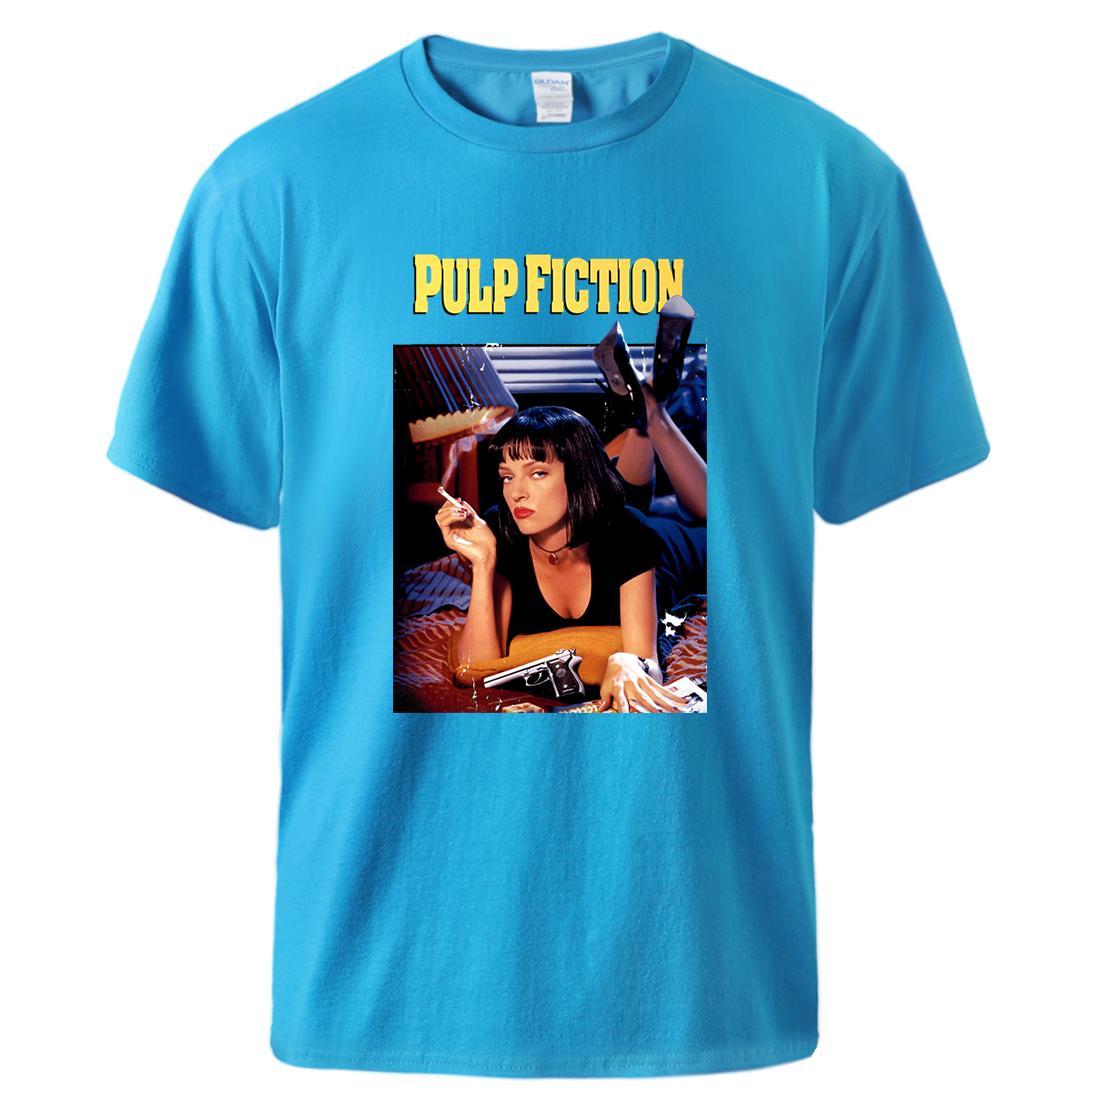 Pulp Fiction T-shirt Cool Man manches courtes en coton T 2020 Homme Causal vrac sport Vente chaude Homme Outwear Pull T-shirt noir